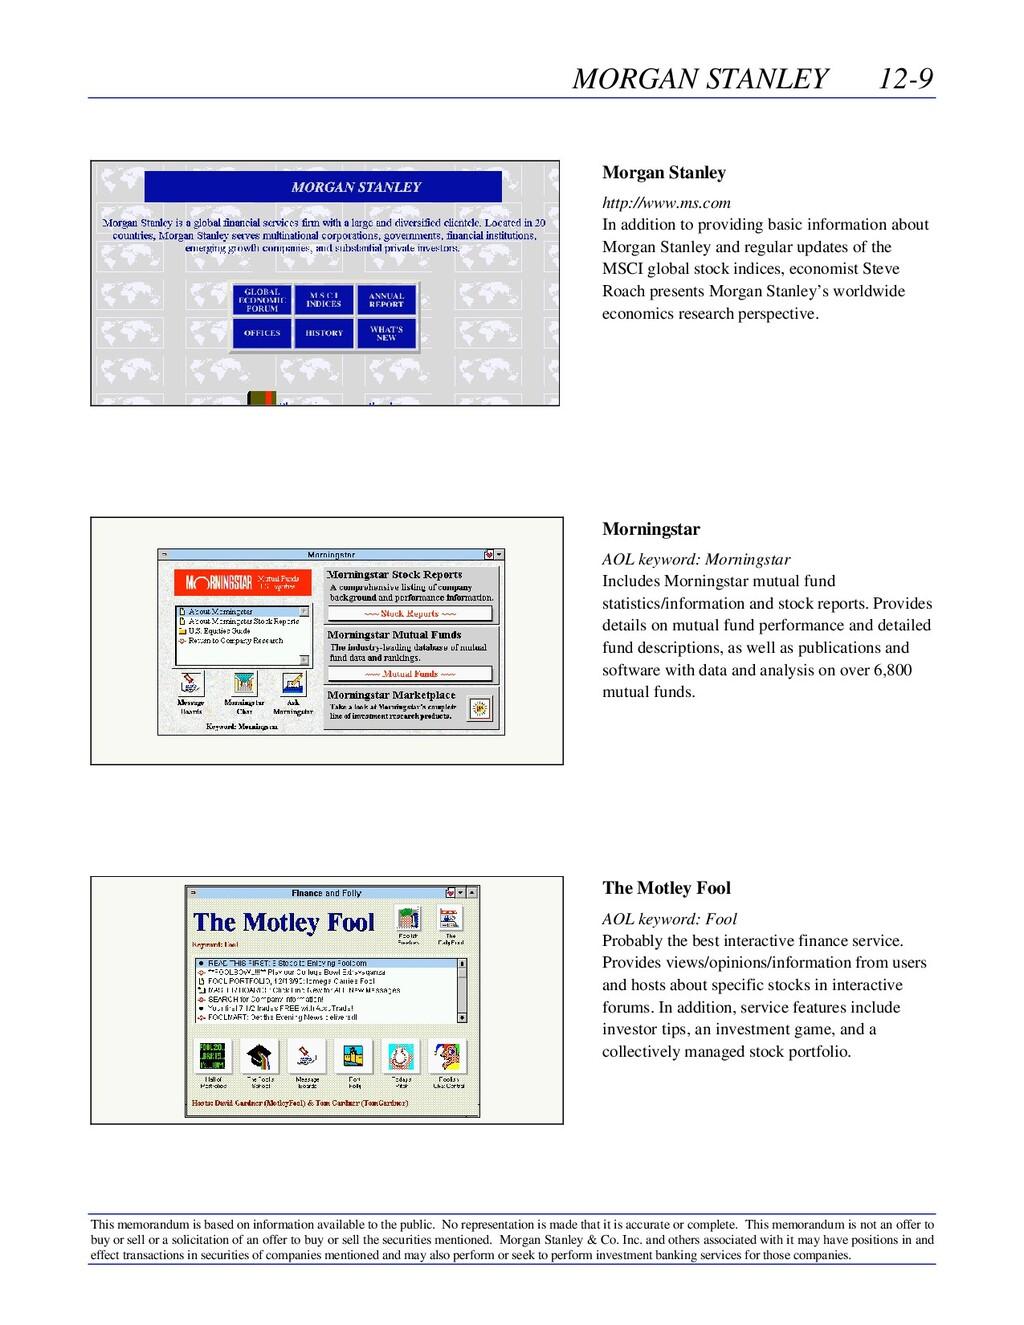 MORGAN STANLEY 12-9 This memorandum is based on...